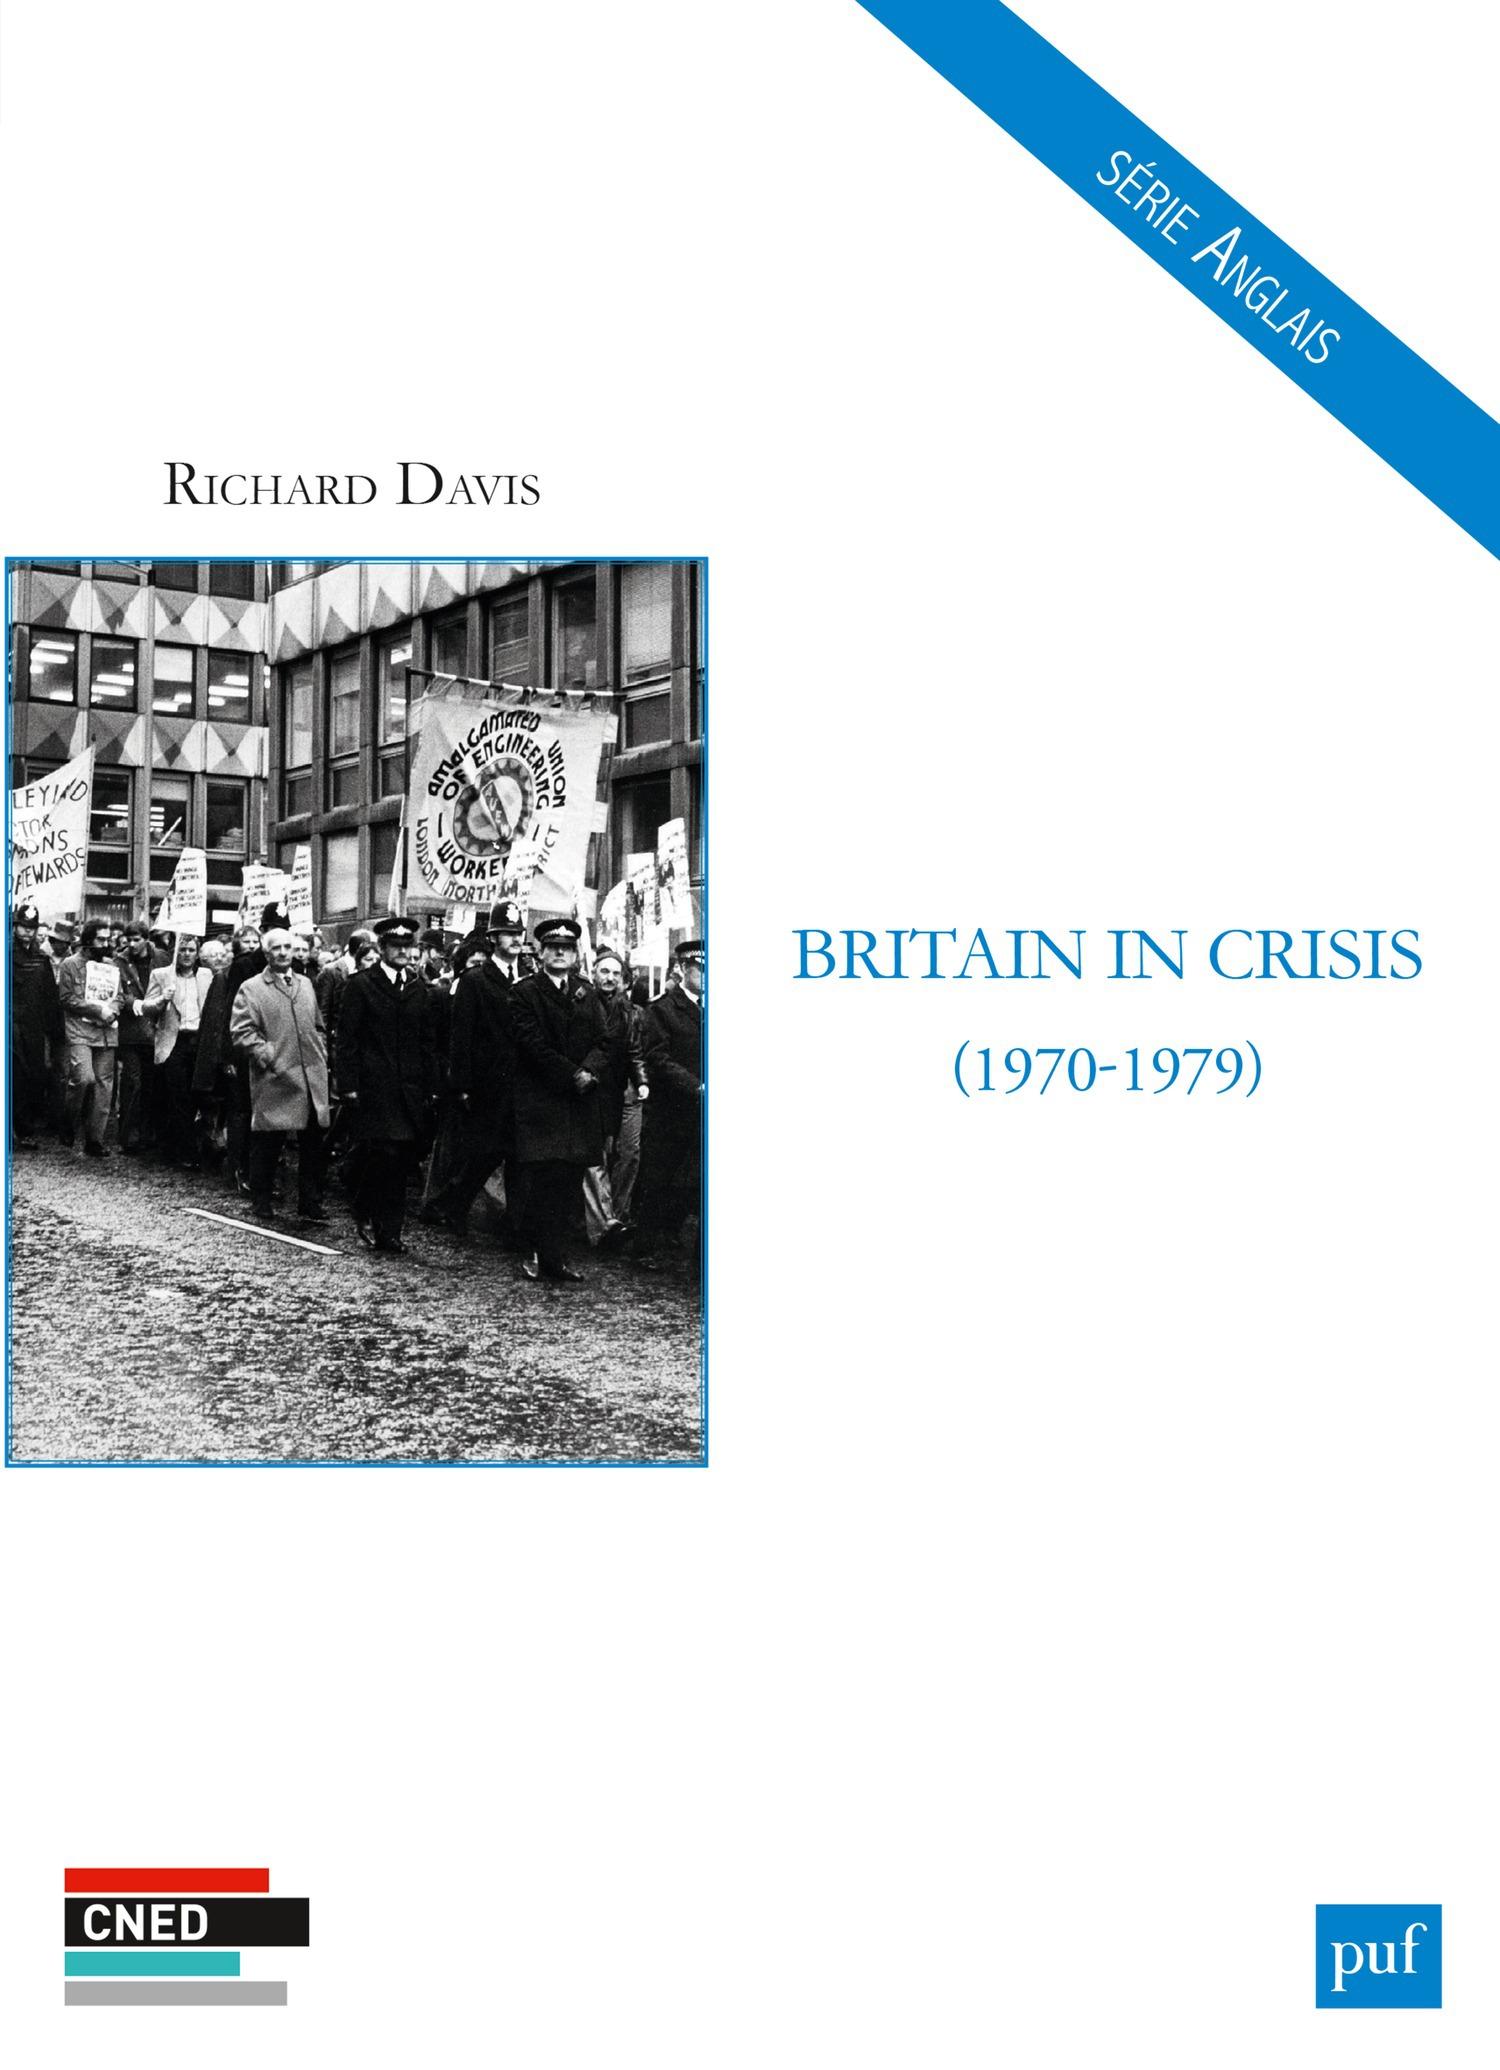 Britain in crisis, 1970-1979